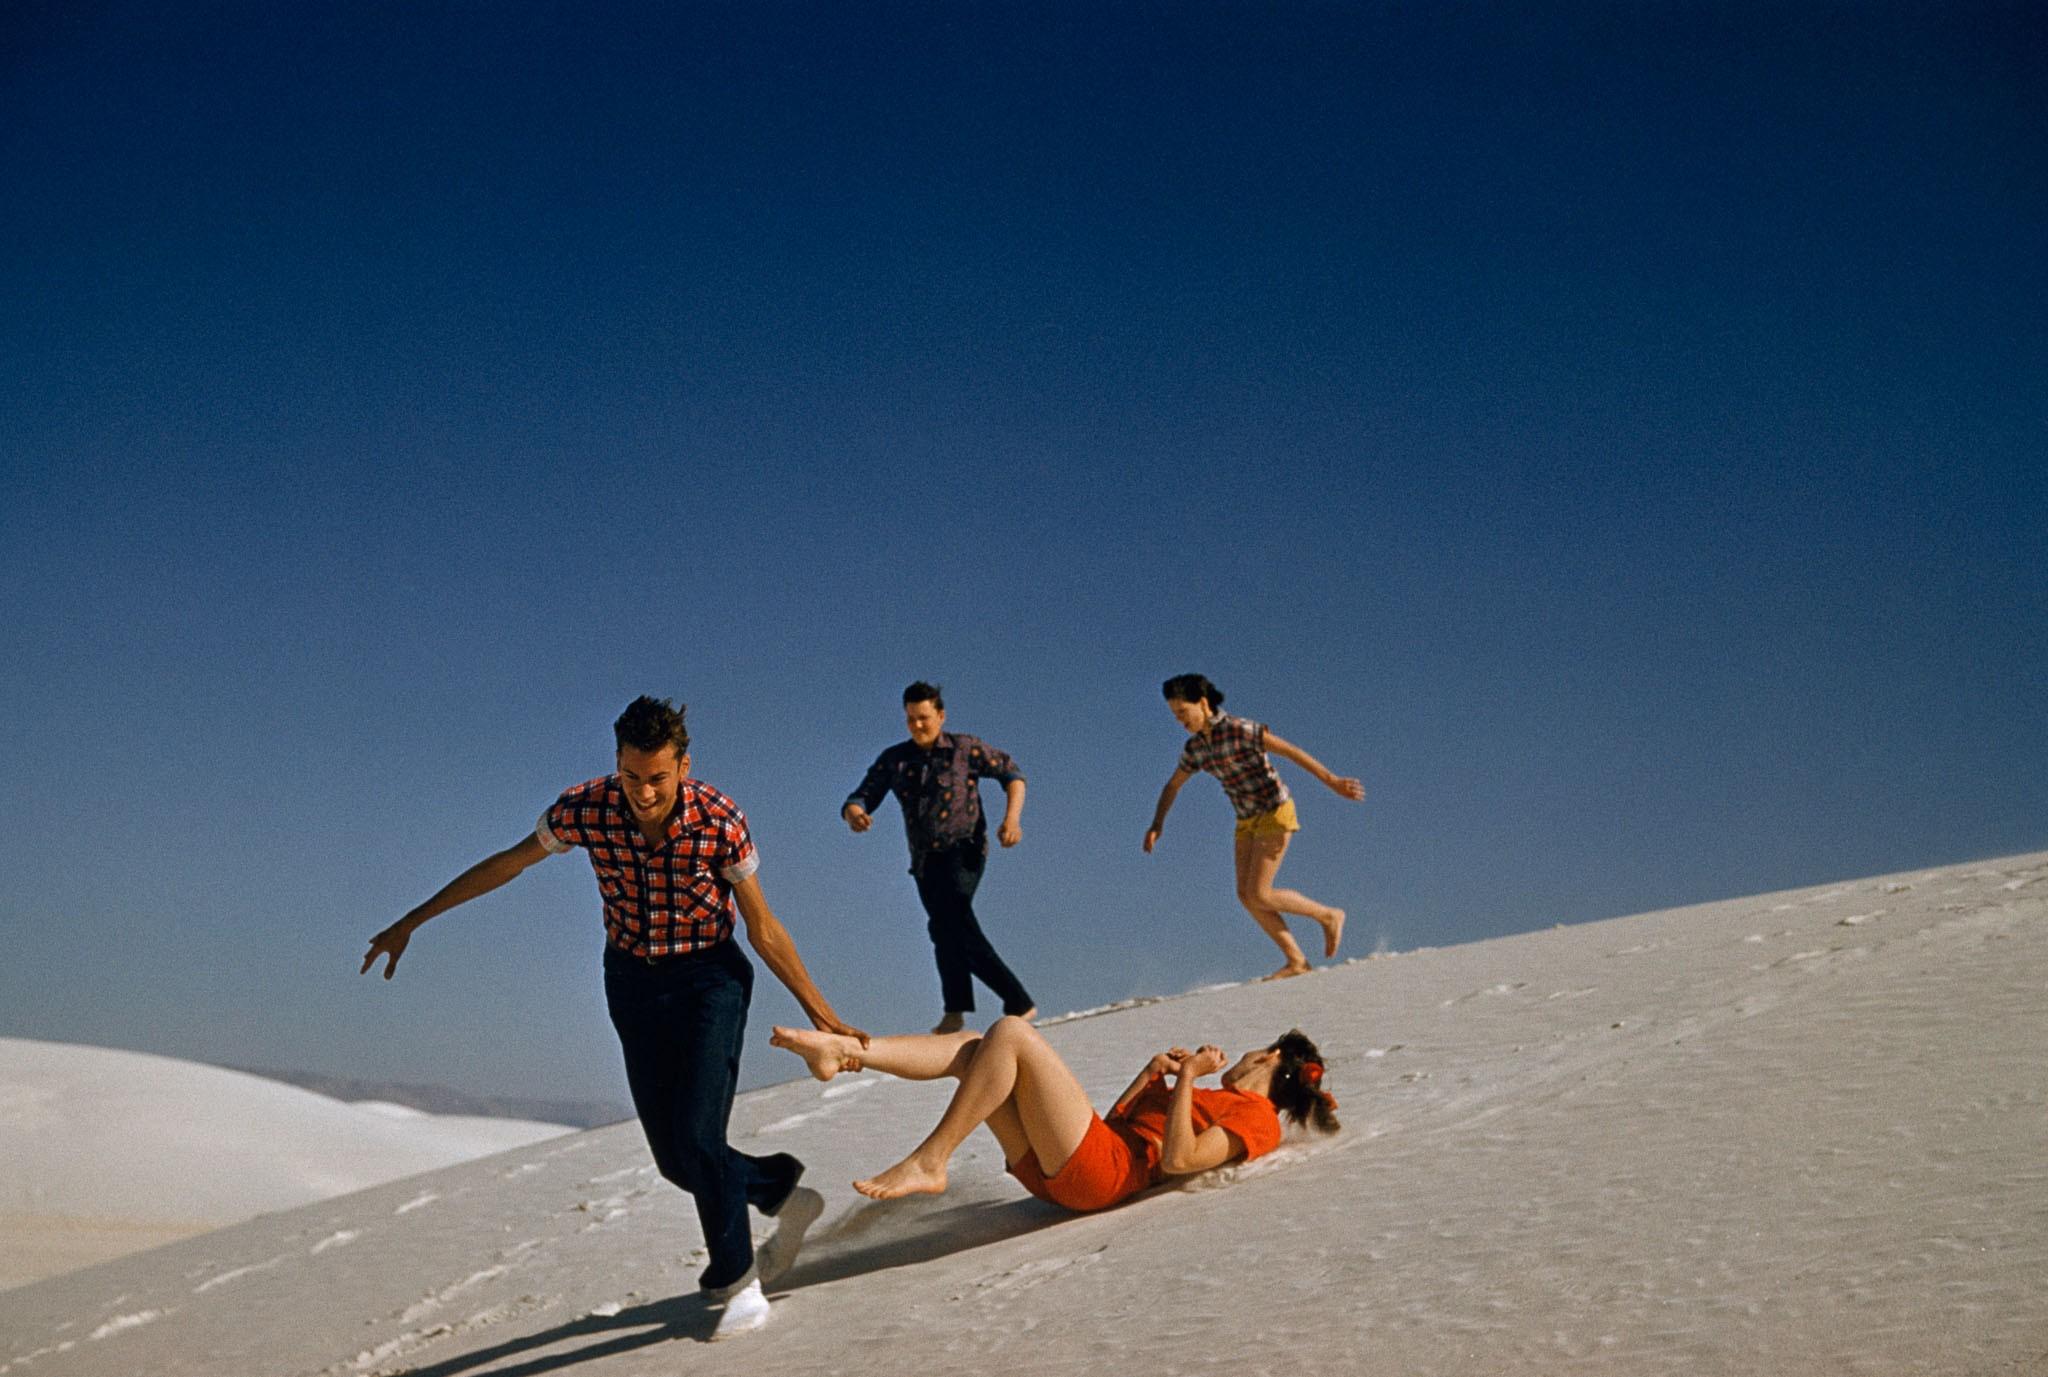 Песчаные дюны в Нью-Мексико, 1957. Фотограф Дж. Бейлор Робертс